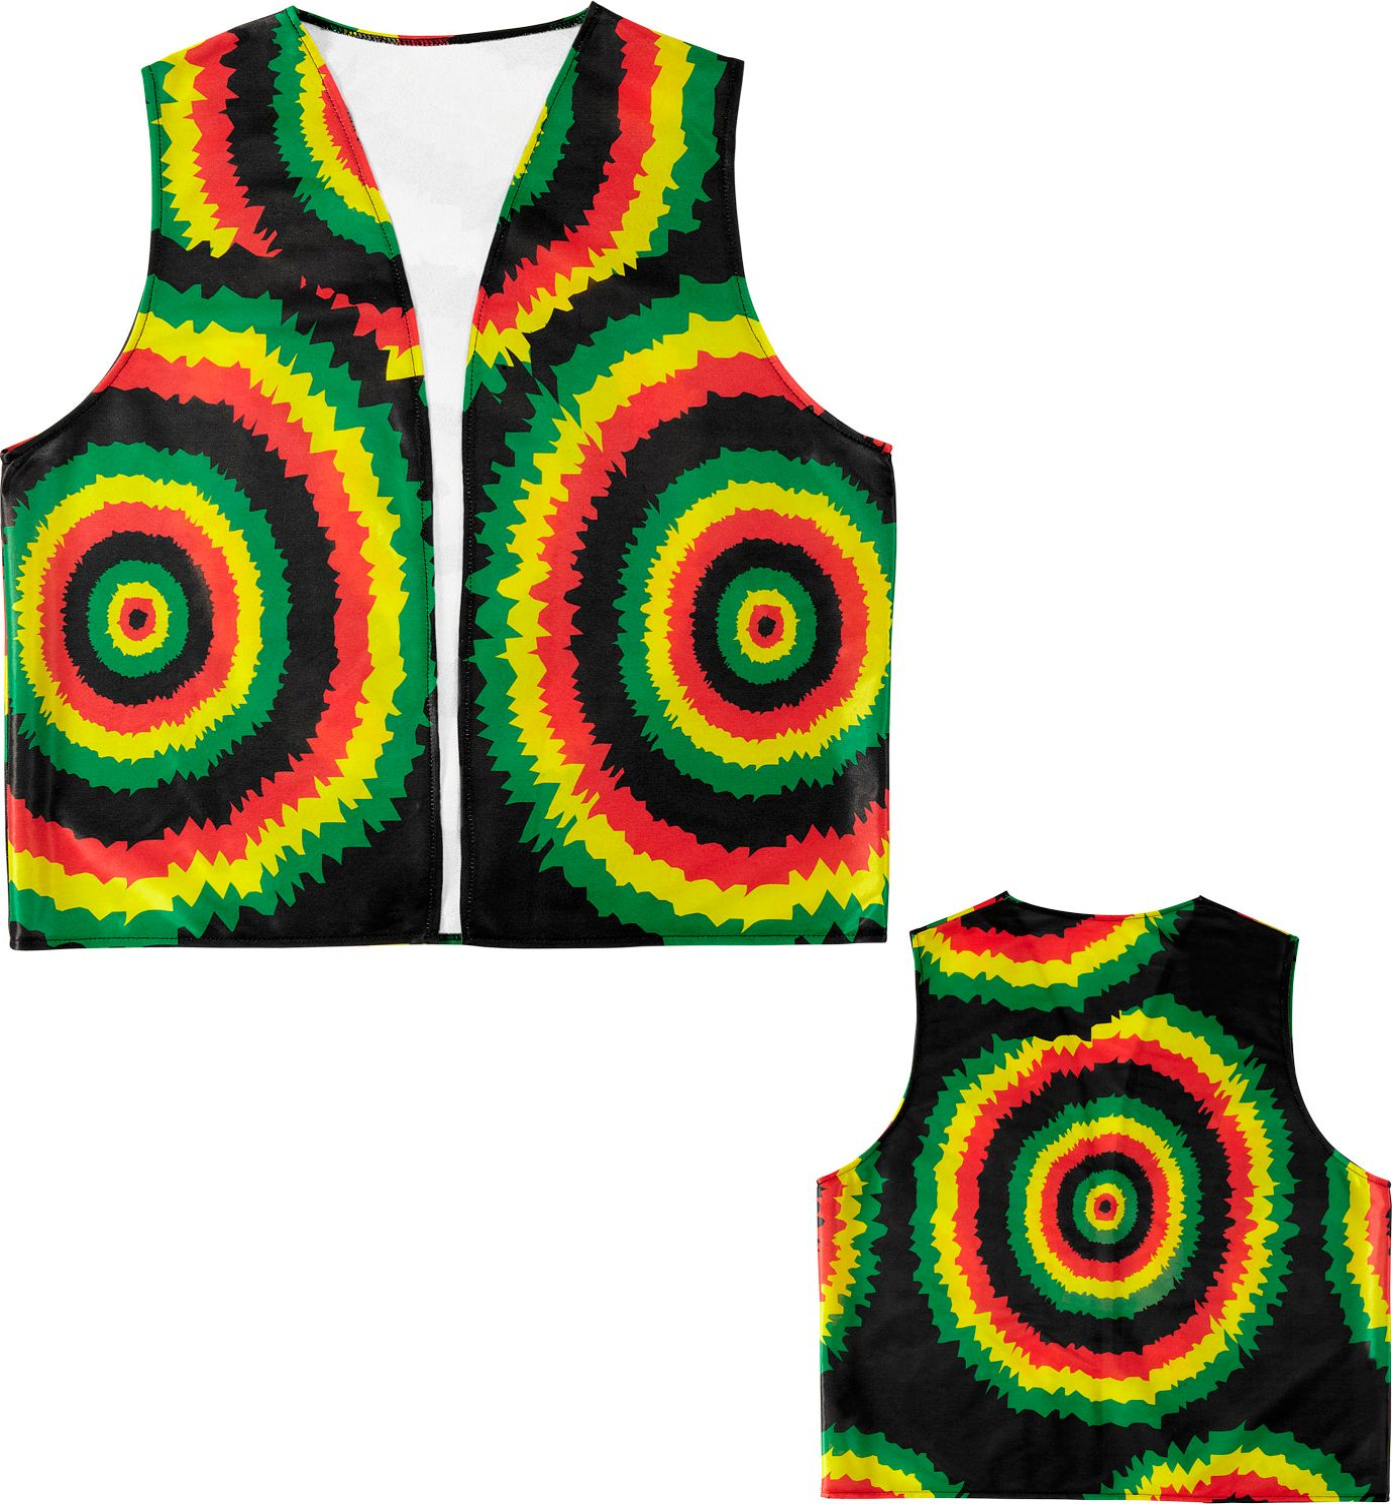 Reggae vest